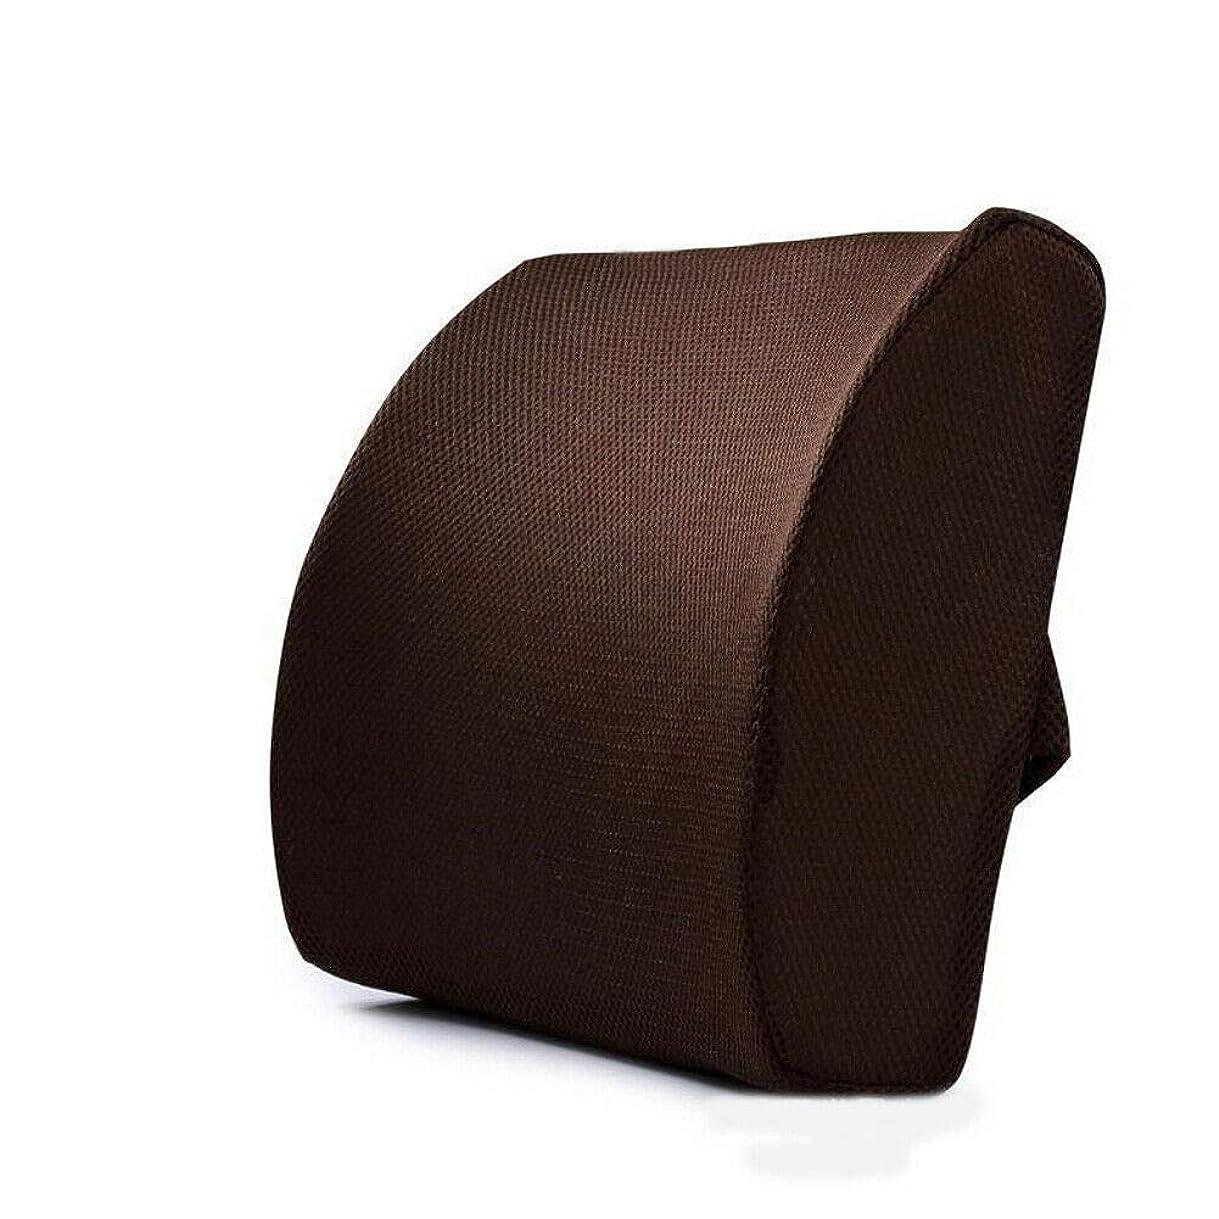 包括的カビスカーフ腰クッション低反発 背あて オフィス 椅子 車用腰枕 介護用 腰痛緩和 健康クッション腰痛 クッション 車 背中 クッション 腰痛対策背もたれ 運転 オフィス